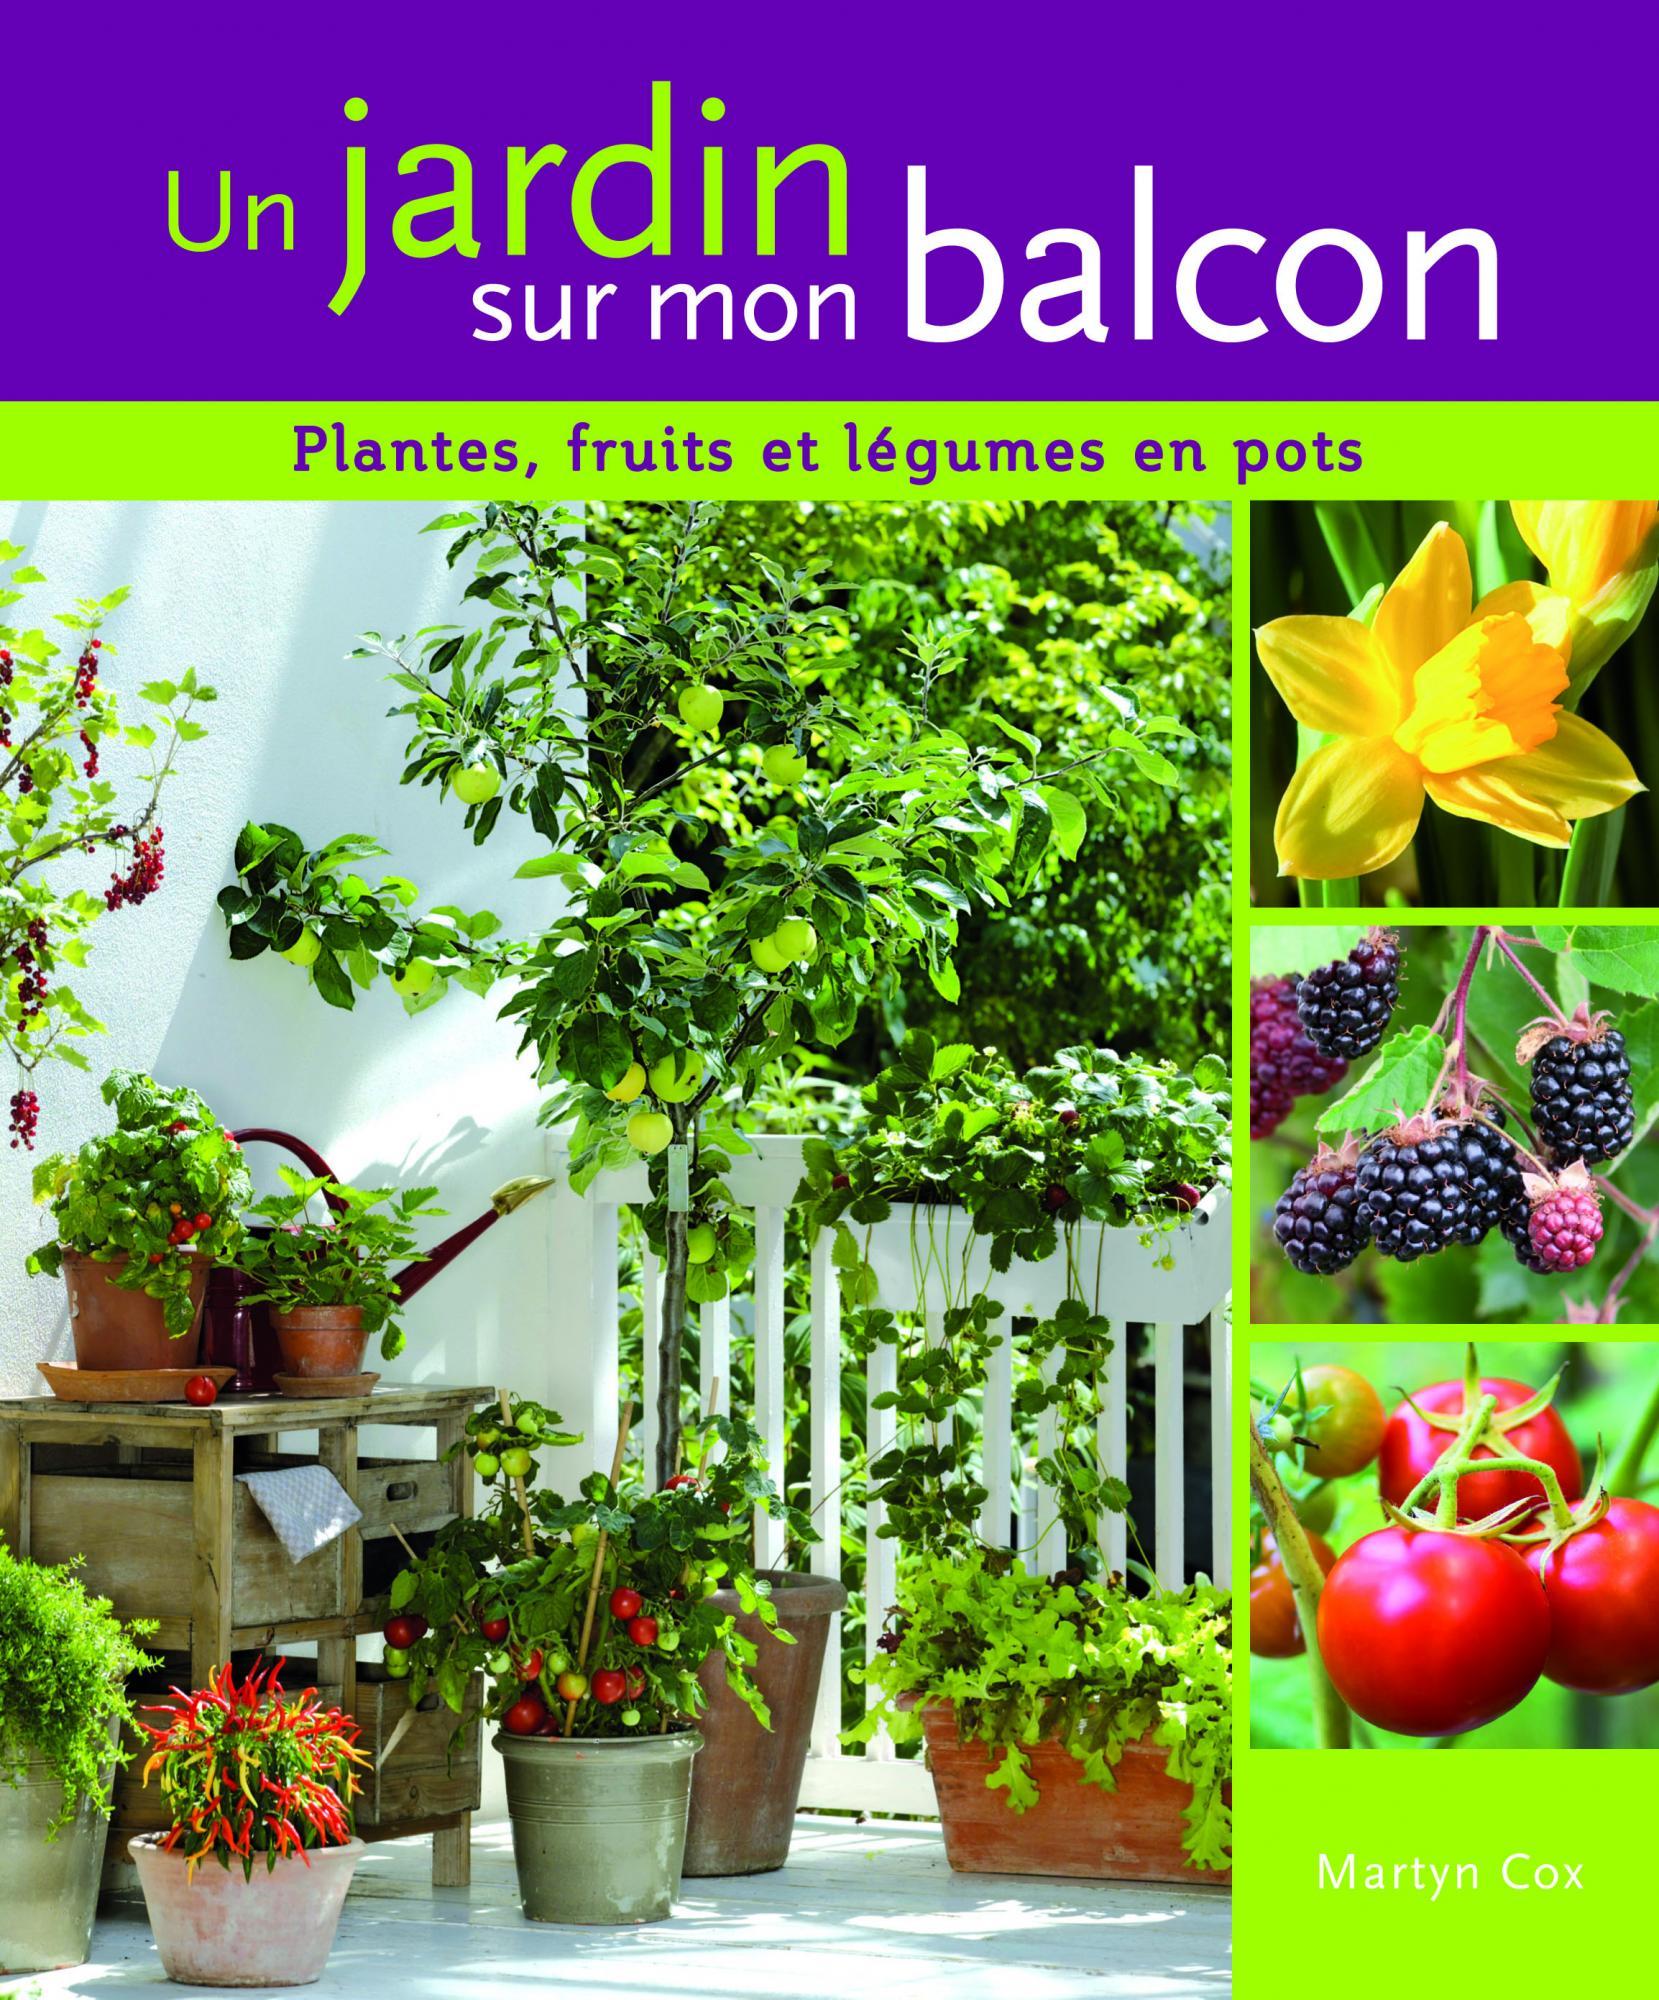 Un jardin sur mon balcon martyn cox delachaux et niestl - Jardin sur un balcon ...